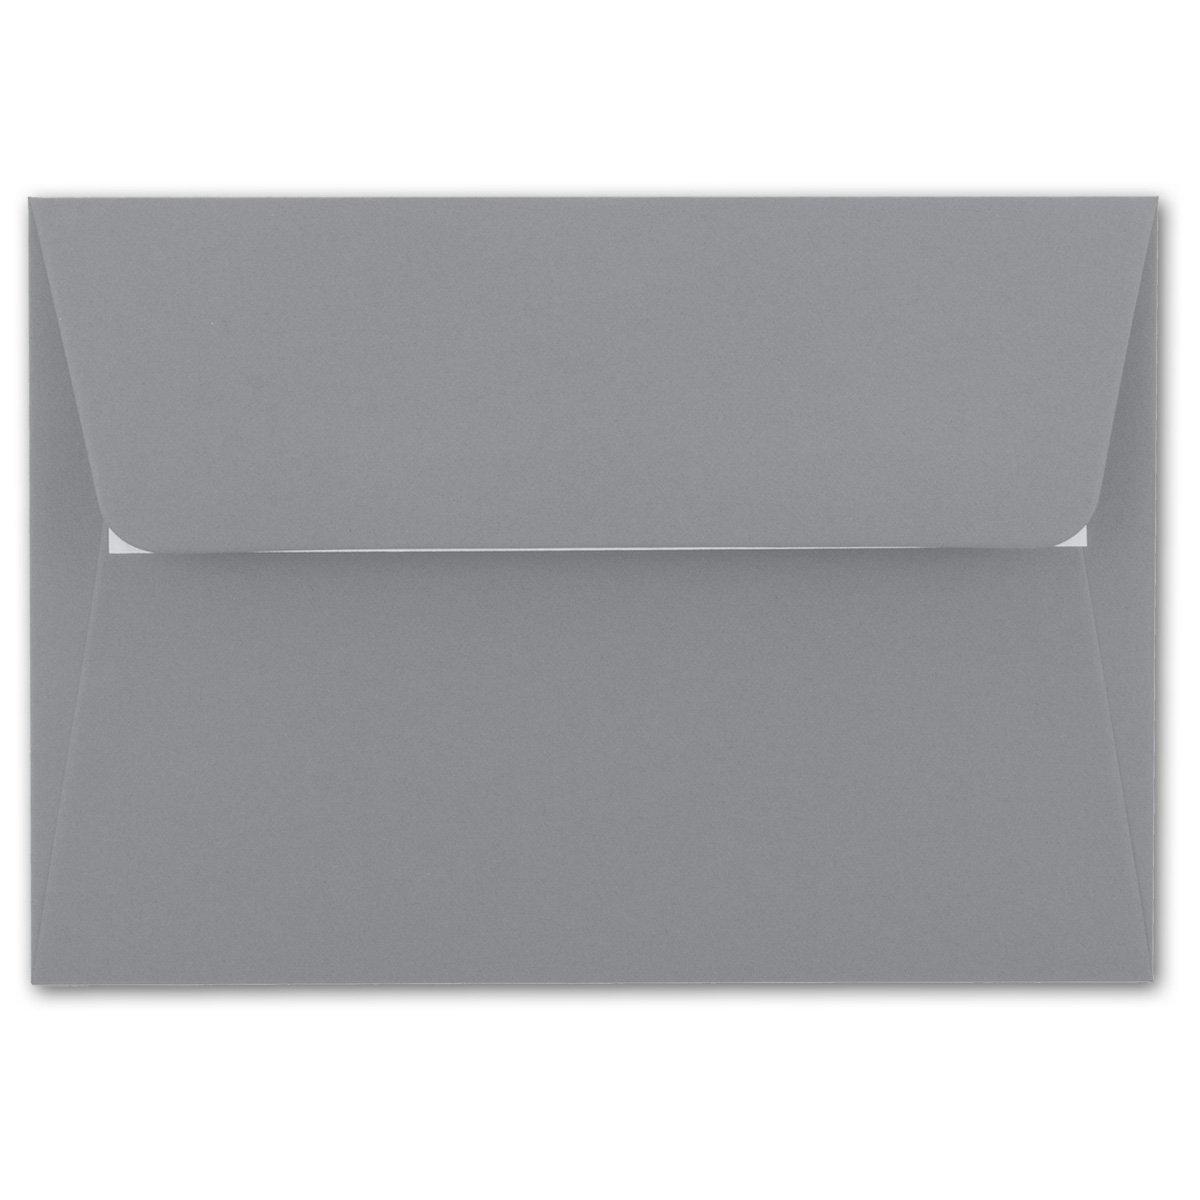 200x Brief-Umschläge B6 B6 B6 - Naturweiss - 12,5 x 17,5 cm - Haftklebung 120 g m² - breite edle Verschluss-Lasche - hochwertige Einladungs-Umschläge B078HDHQJP | Der Schatz des Kindes, unser Glück  eac29a